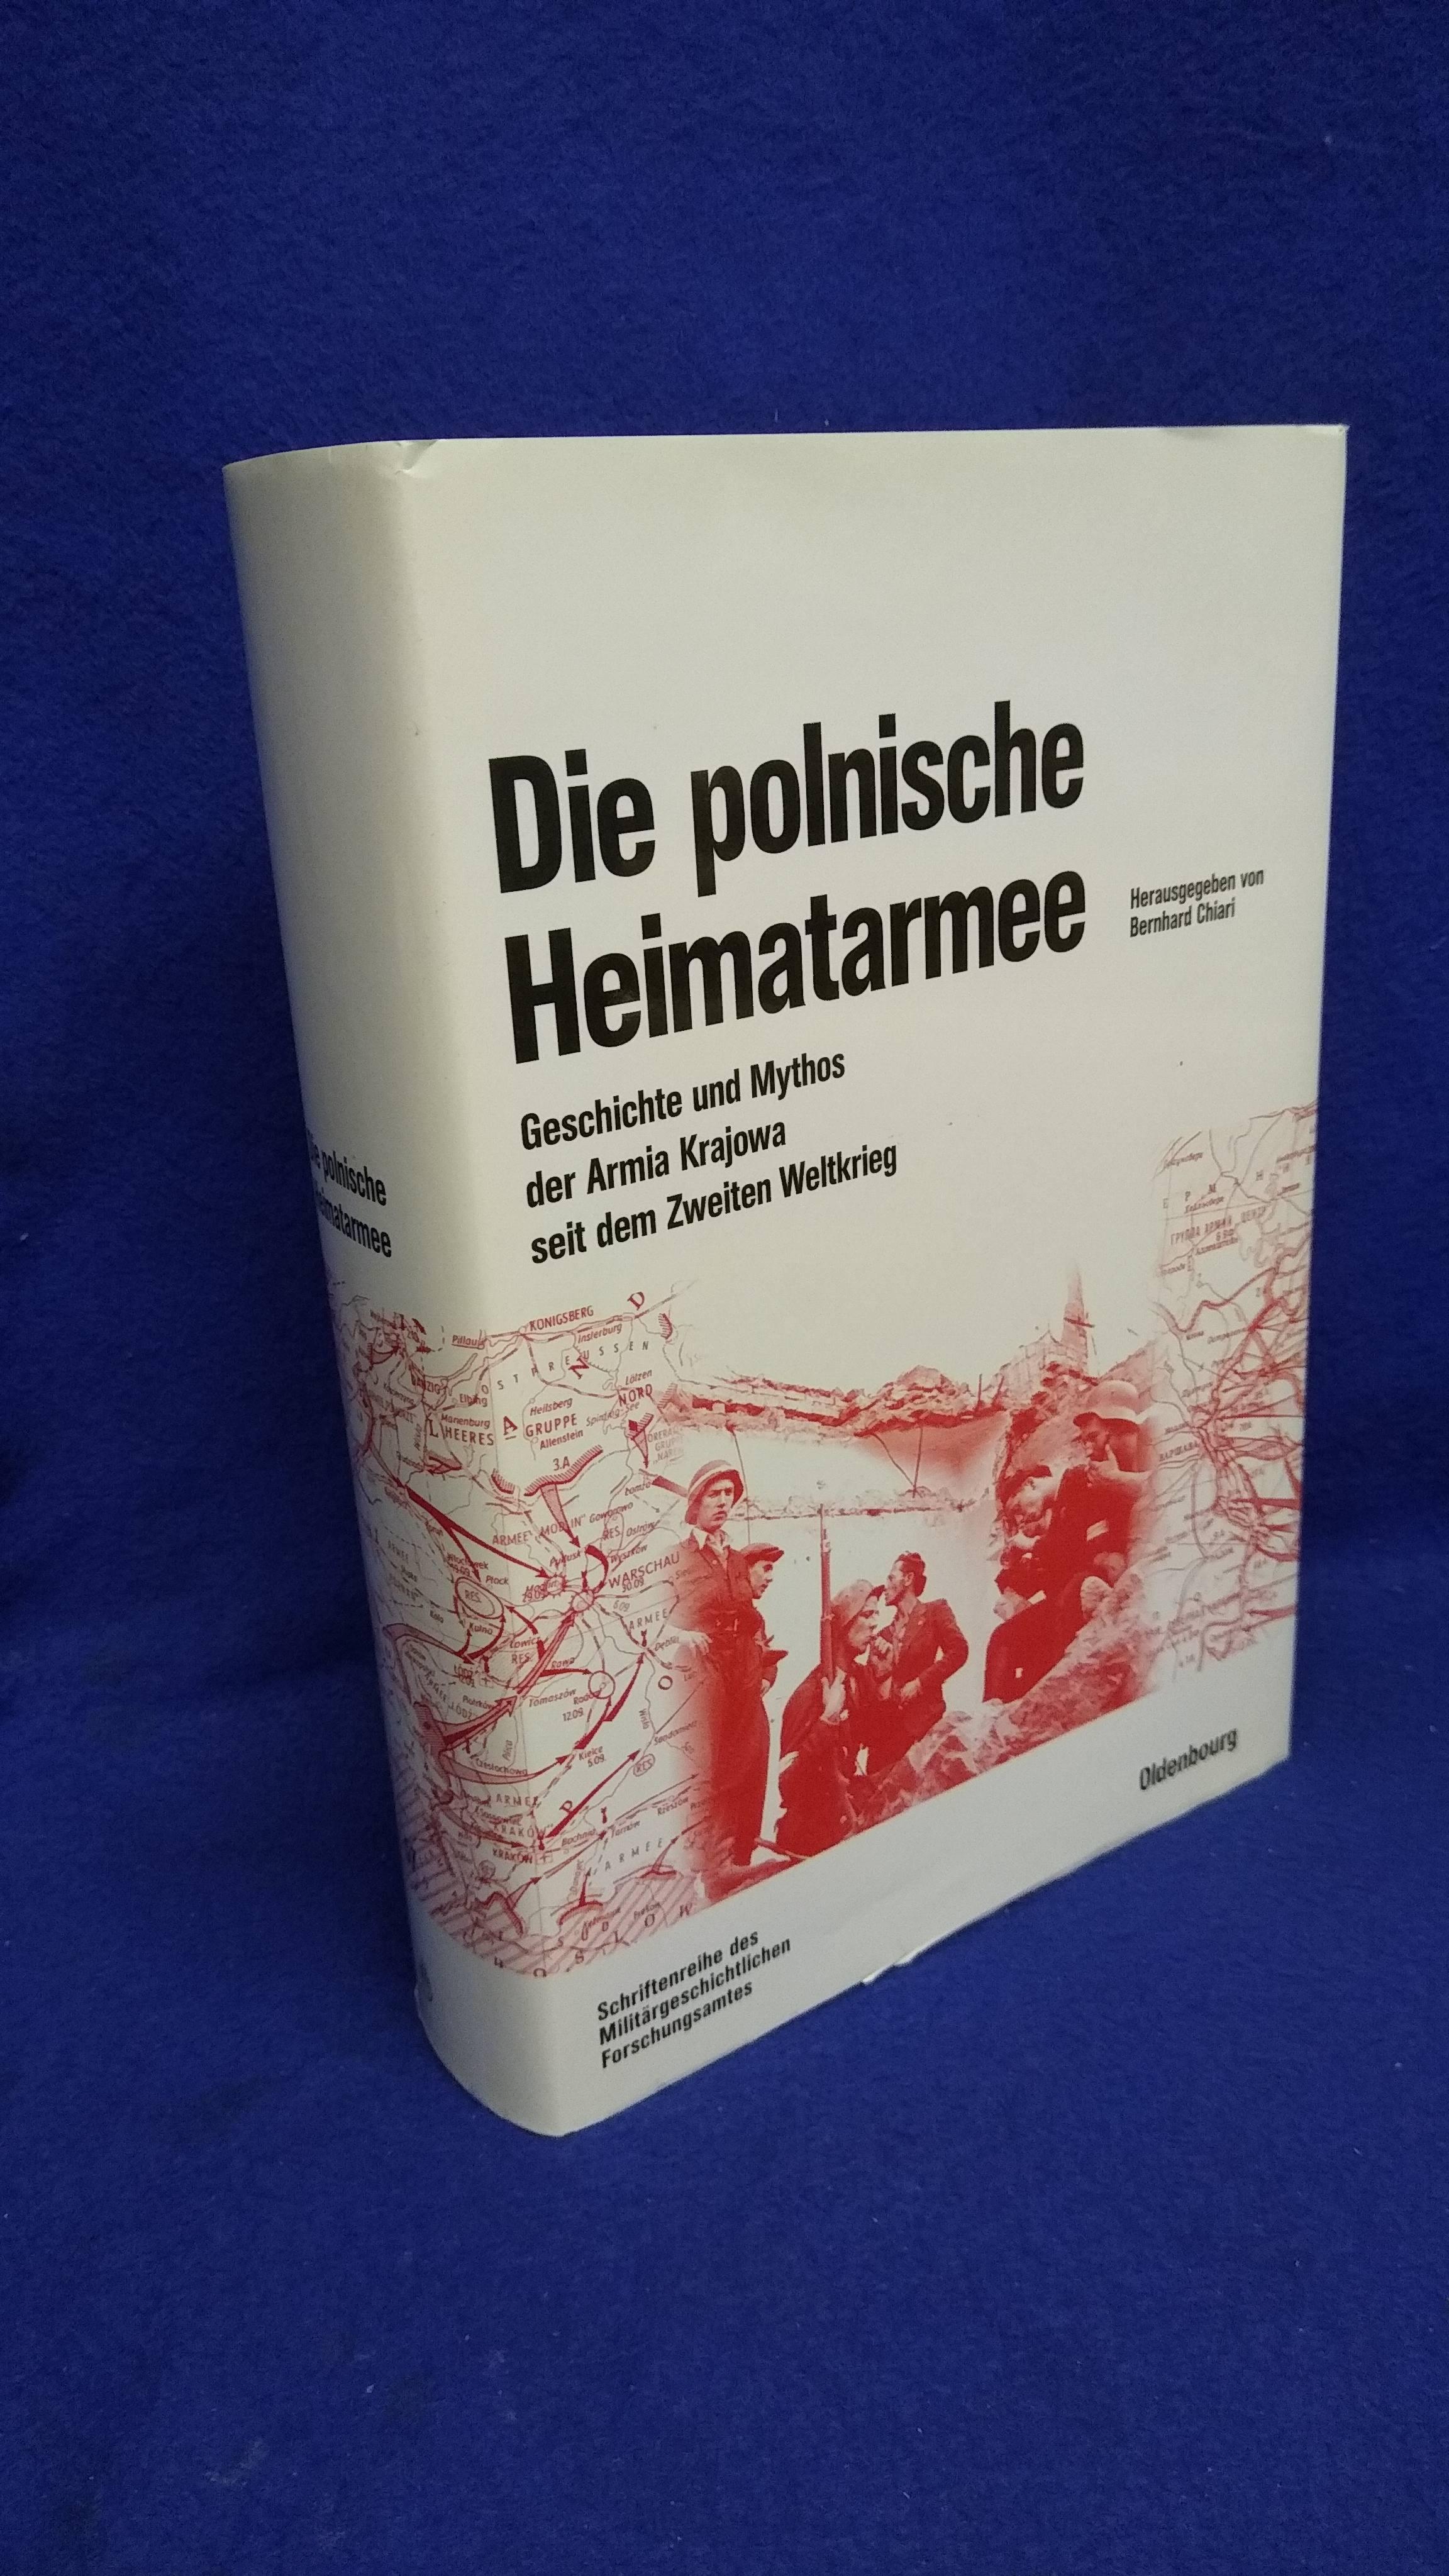 Beiträge zur Militär- und Kriegsgeschichte - Band 57 - Die polnische Heimatarmee. Geschichte und Mythos der Armia Krajowa seit dem Zweiten Weltkrieg